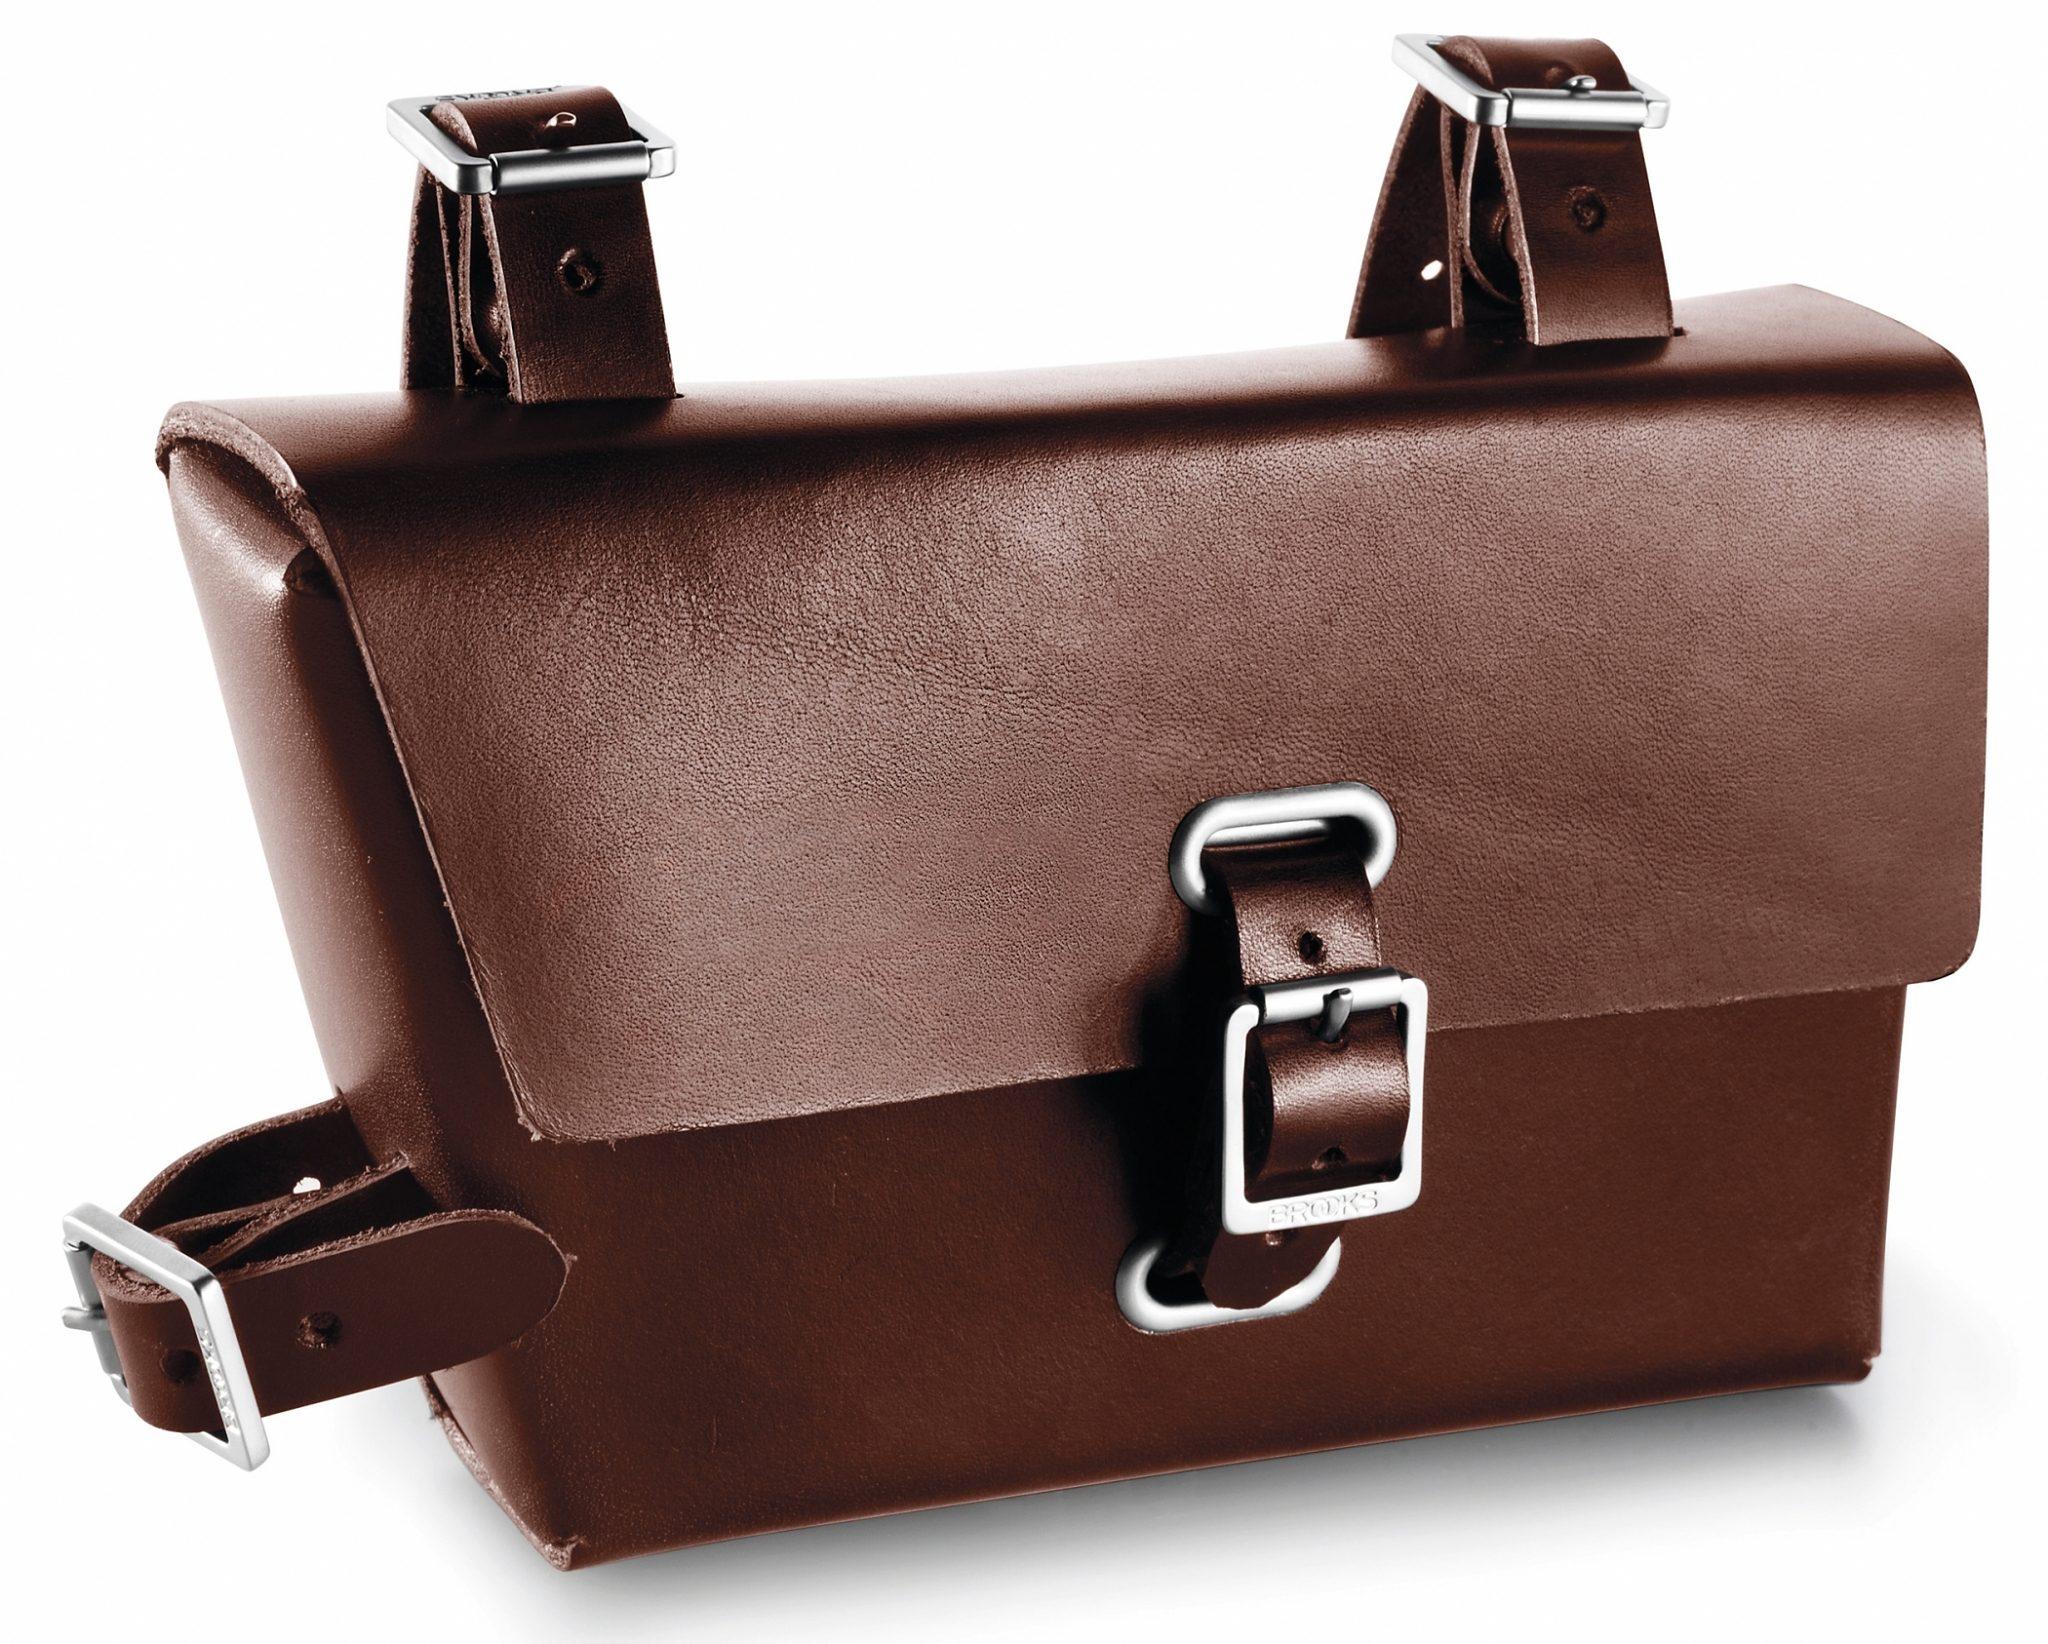 Brooks Fahrradtasche »B4 Moulded Bag Leather«